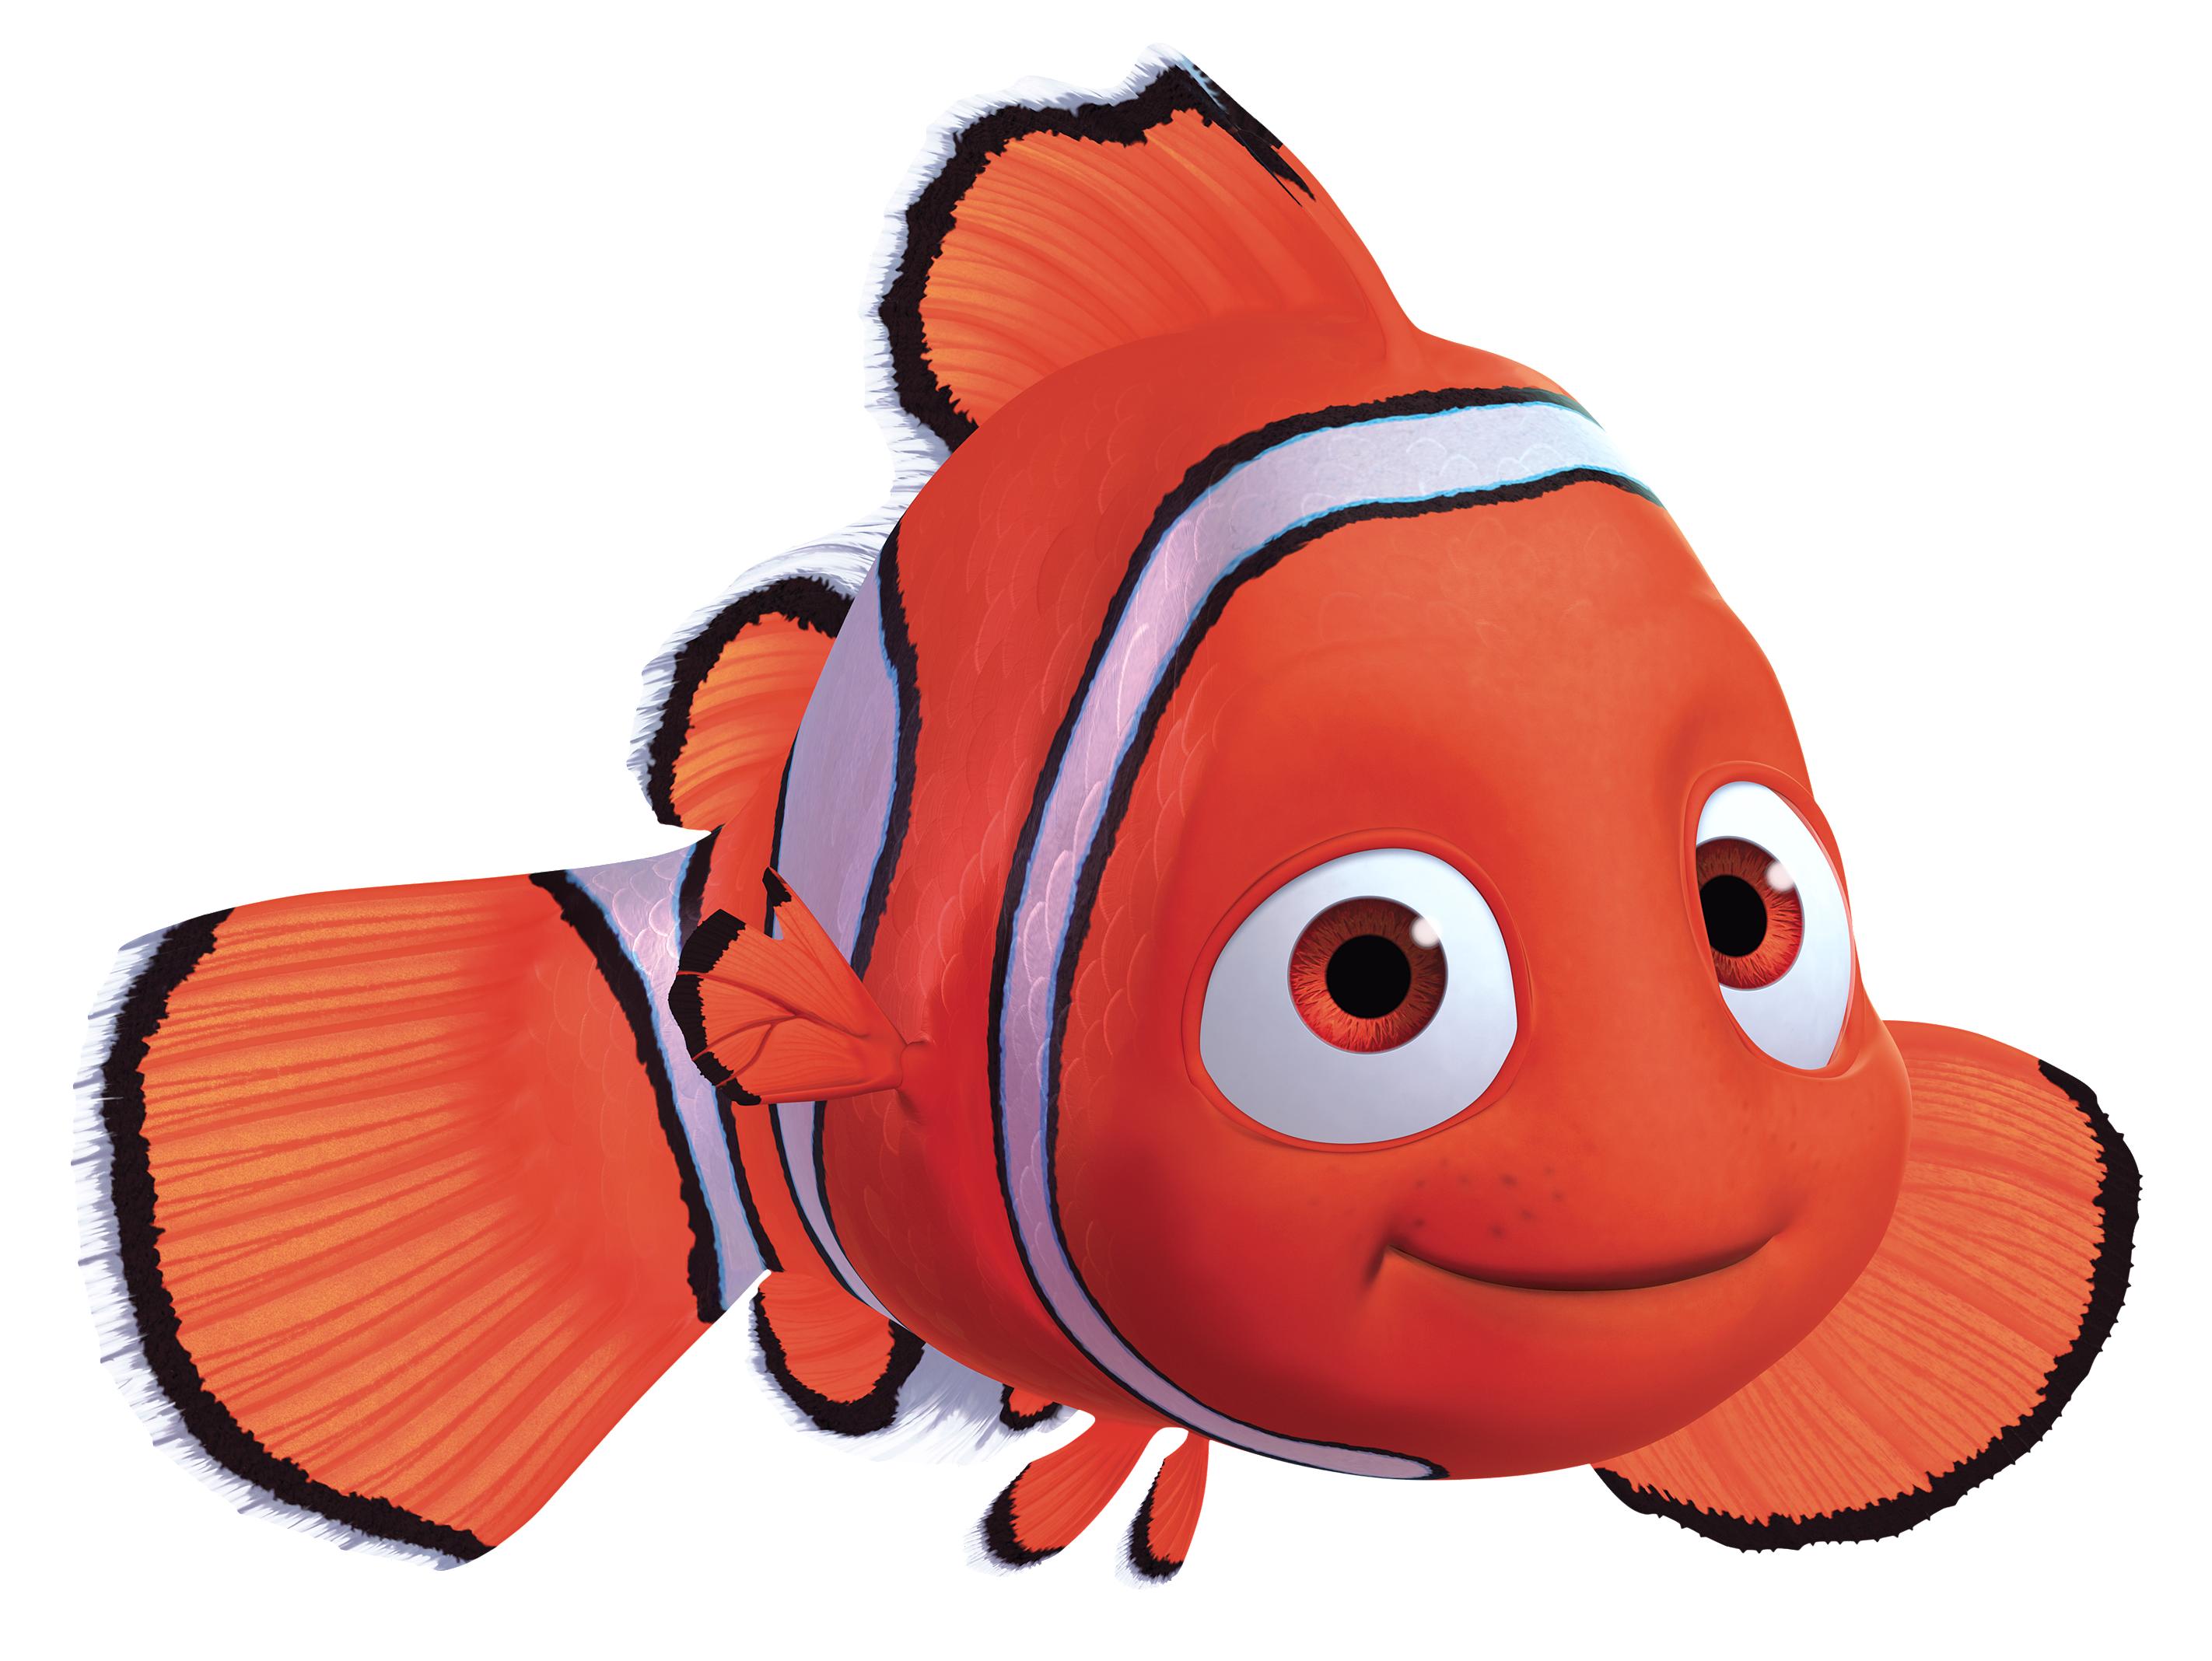 Fins clipart fish nemo Clip Clip art art Nemo